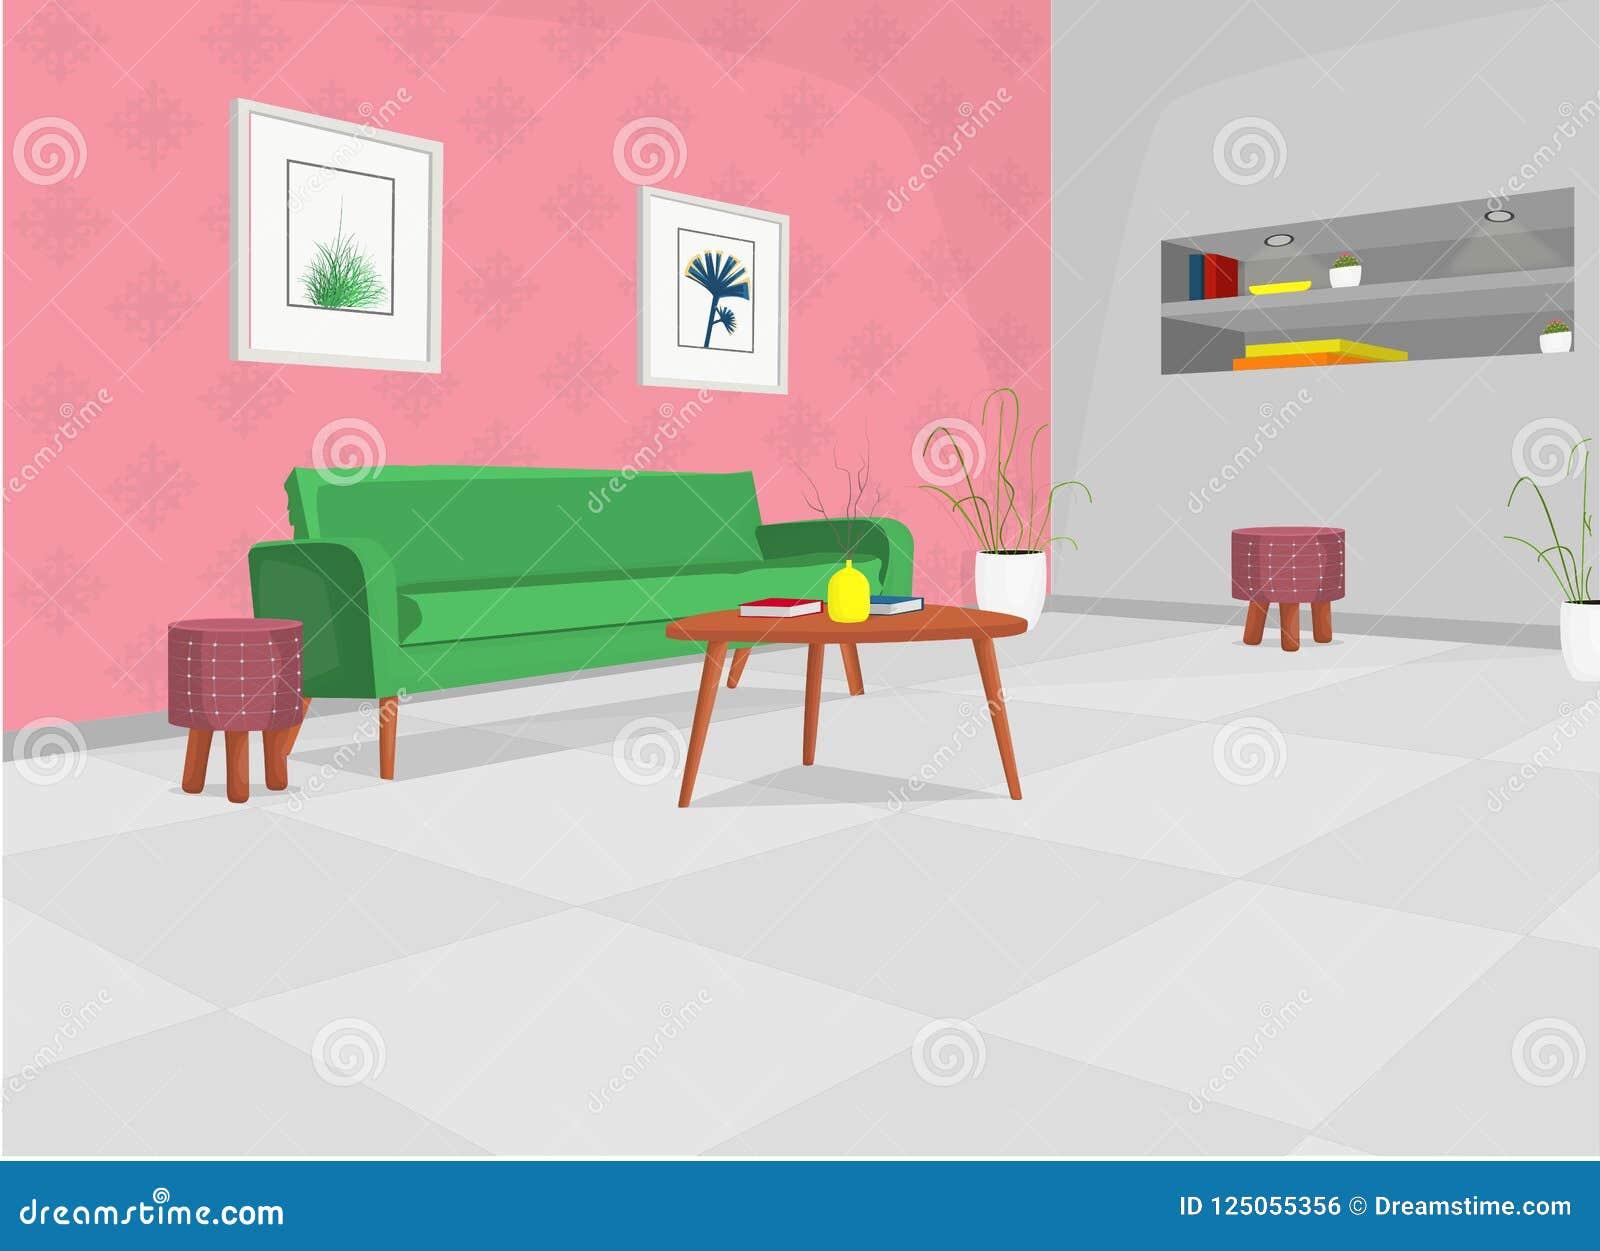 Καθιστικό με τον πράσινο καναπέ, πίνακας, και χτισμένος στα ράφια/το άνετο καθιστικό απεικόνισης κινούμενων σχεδίων